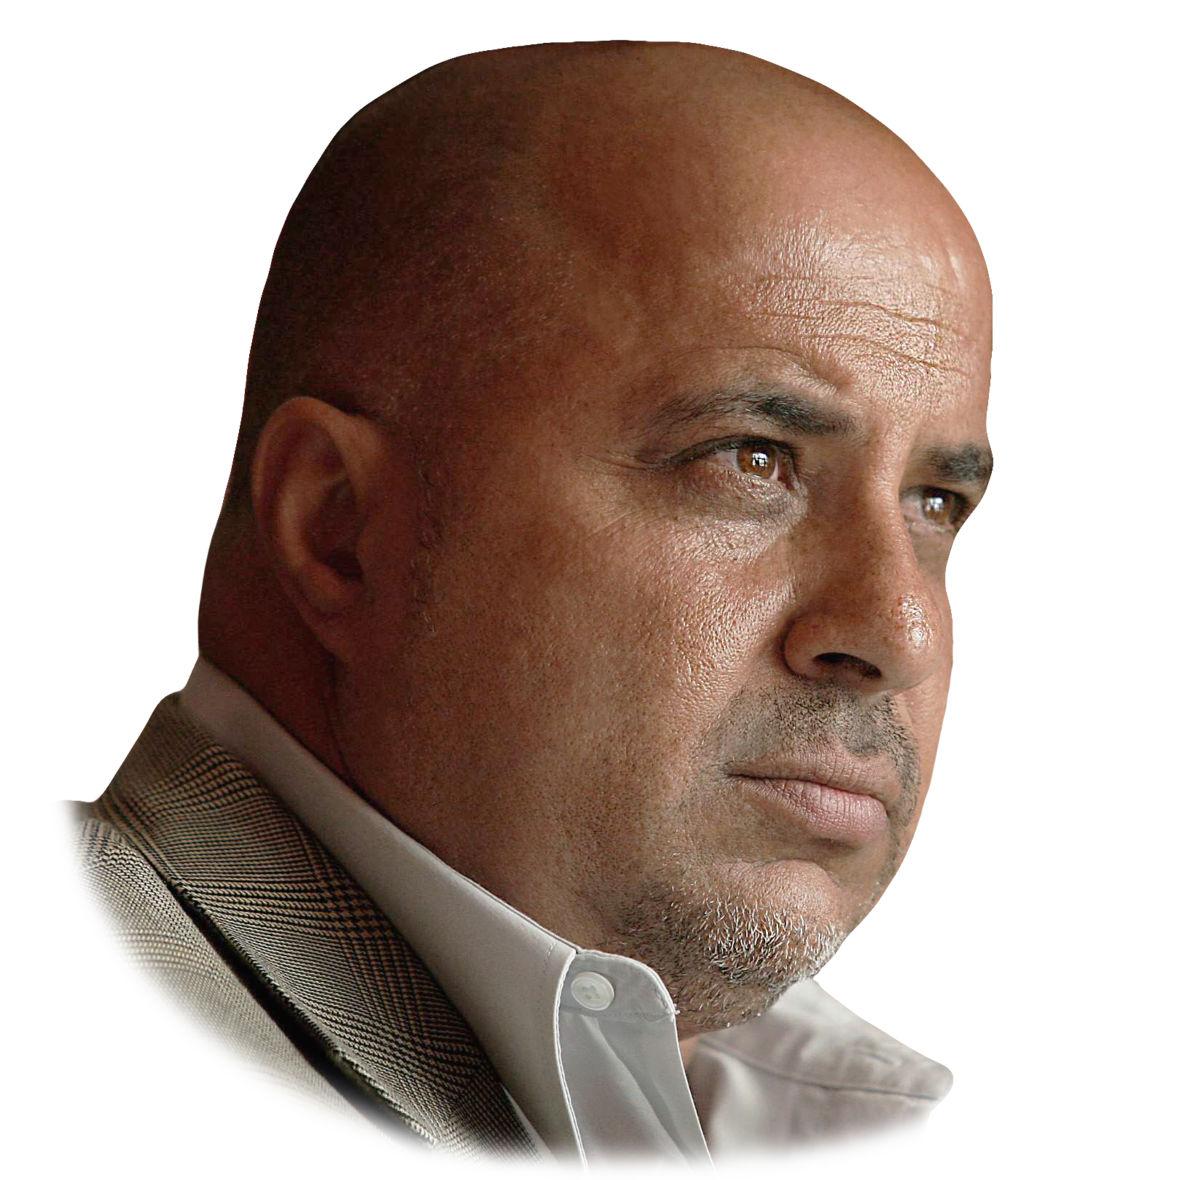 Shmuel Farhi